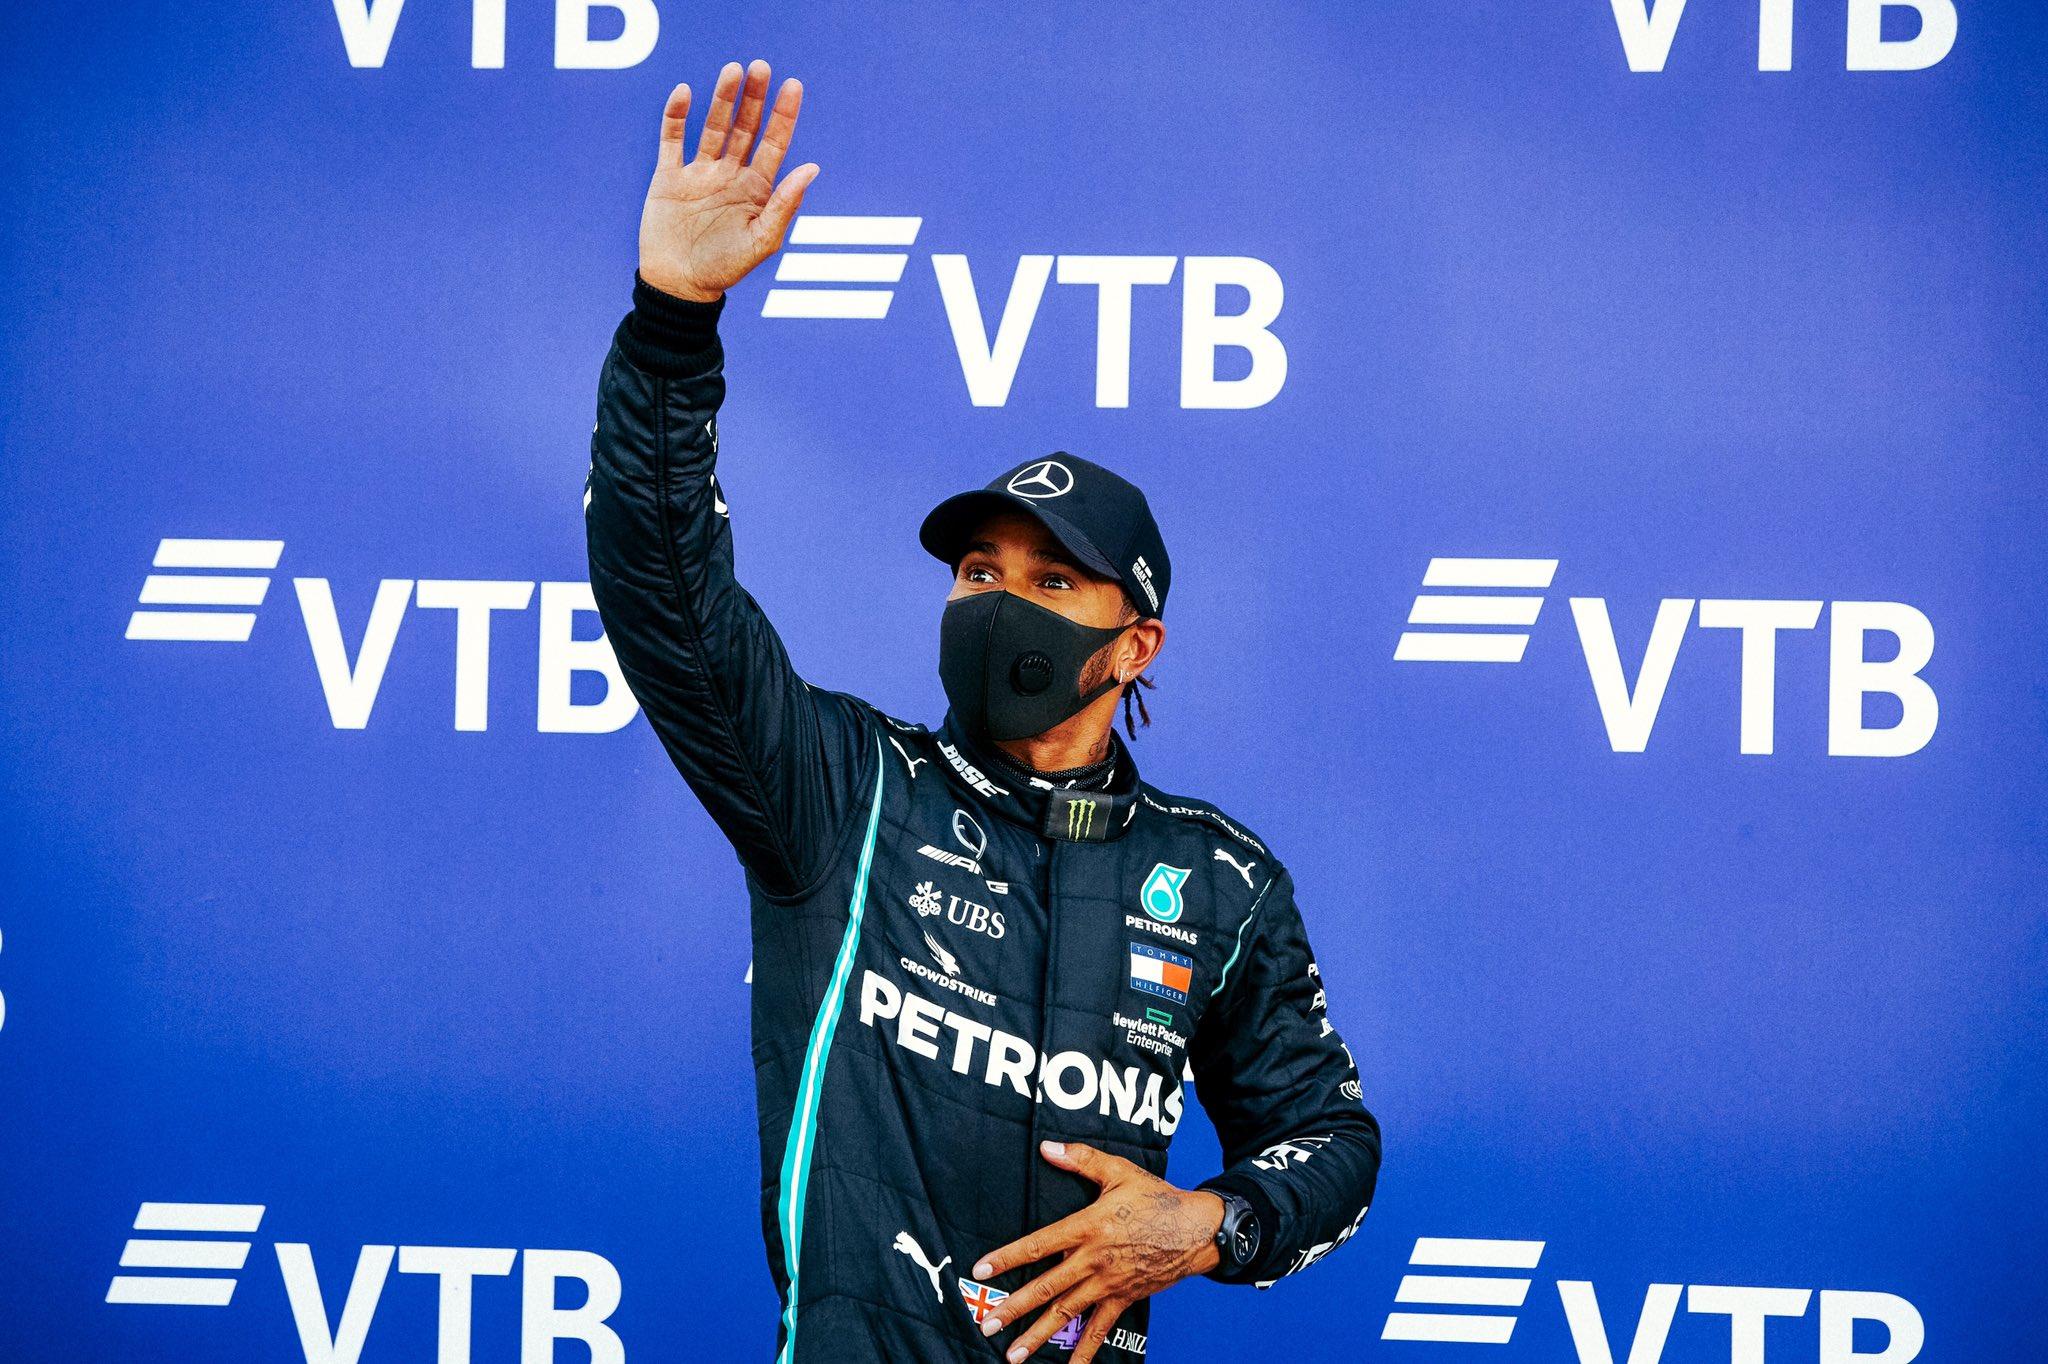 Lewis Hamilton logra su pole position 96 en Sochi